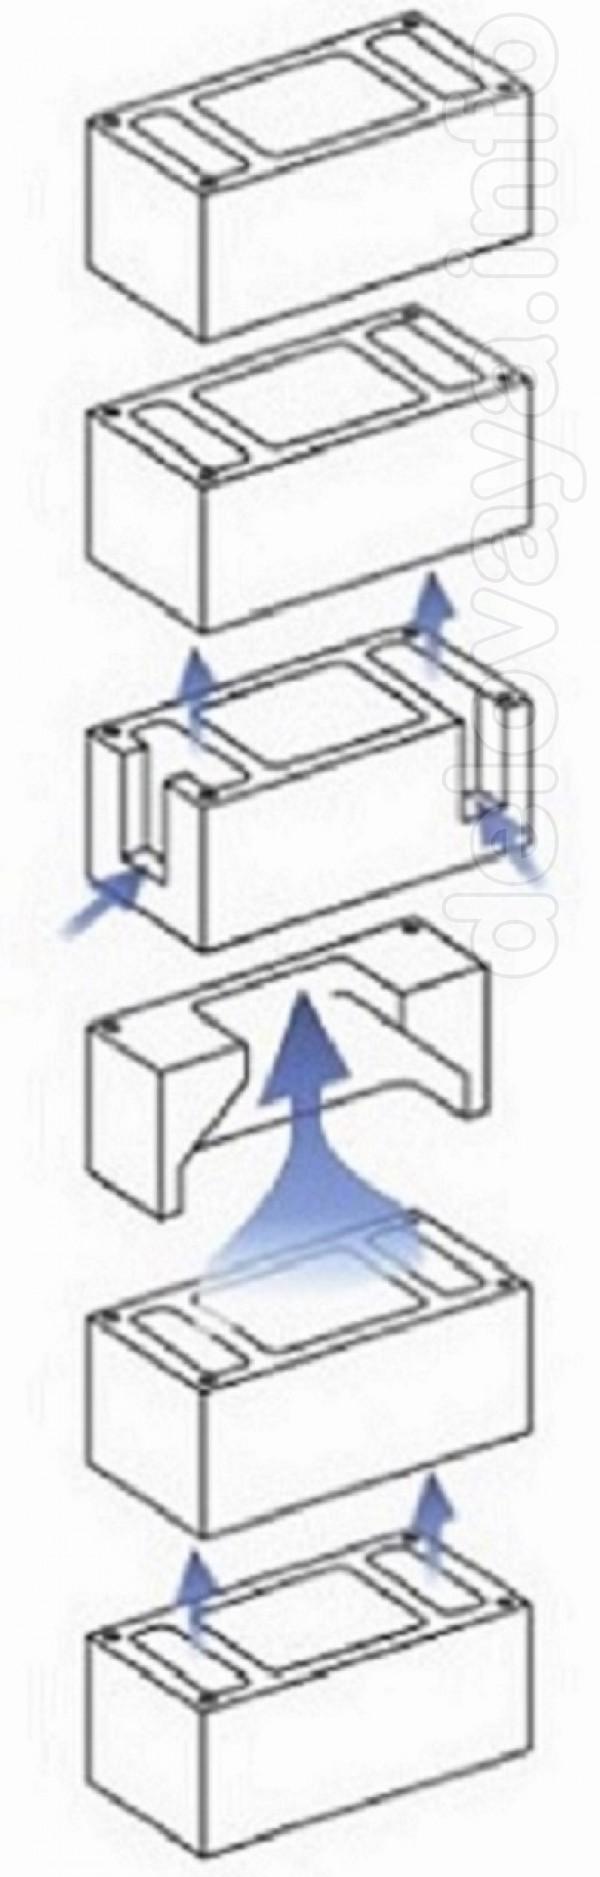 Керамзитобетонные вентиляционные блоки от производителя. Предлагаем к